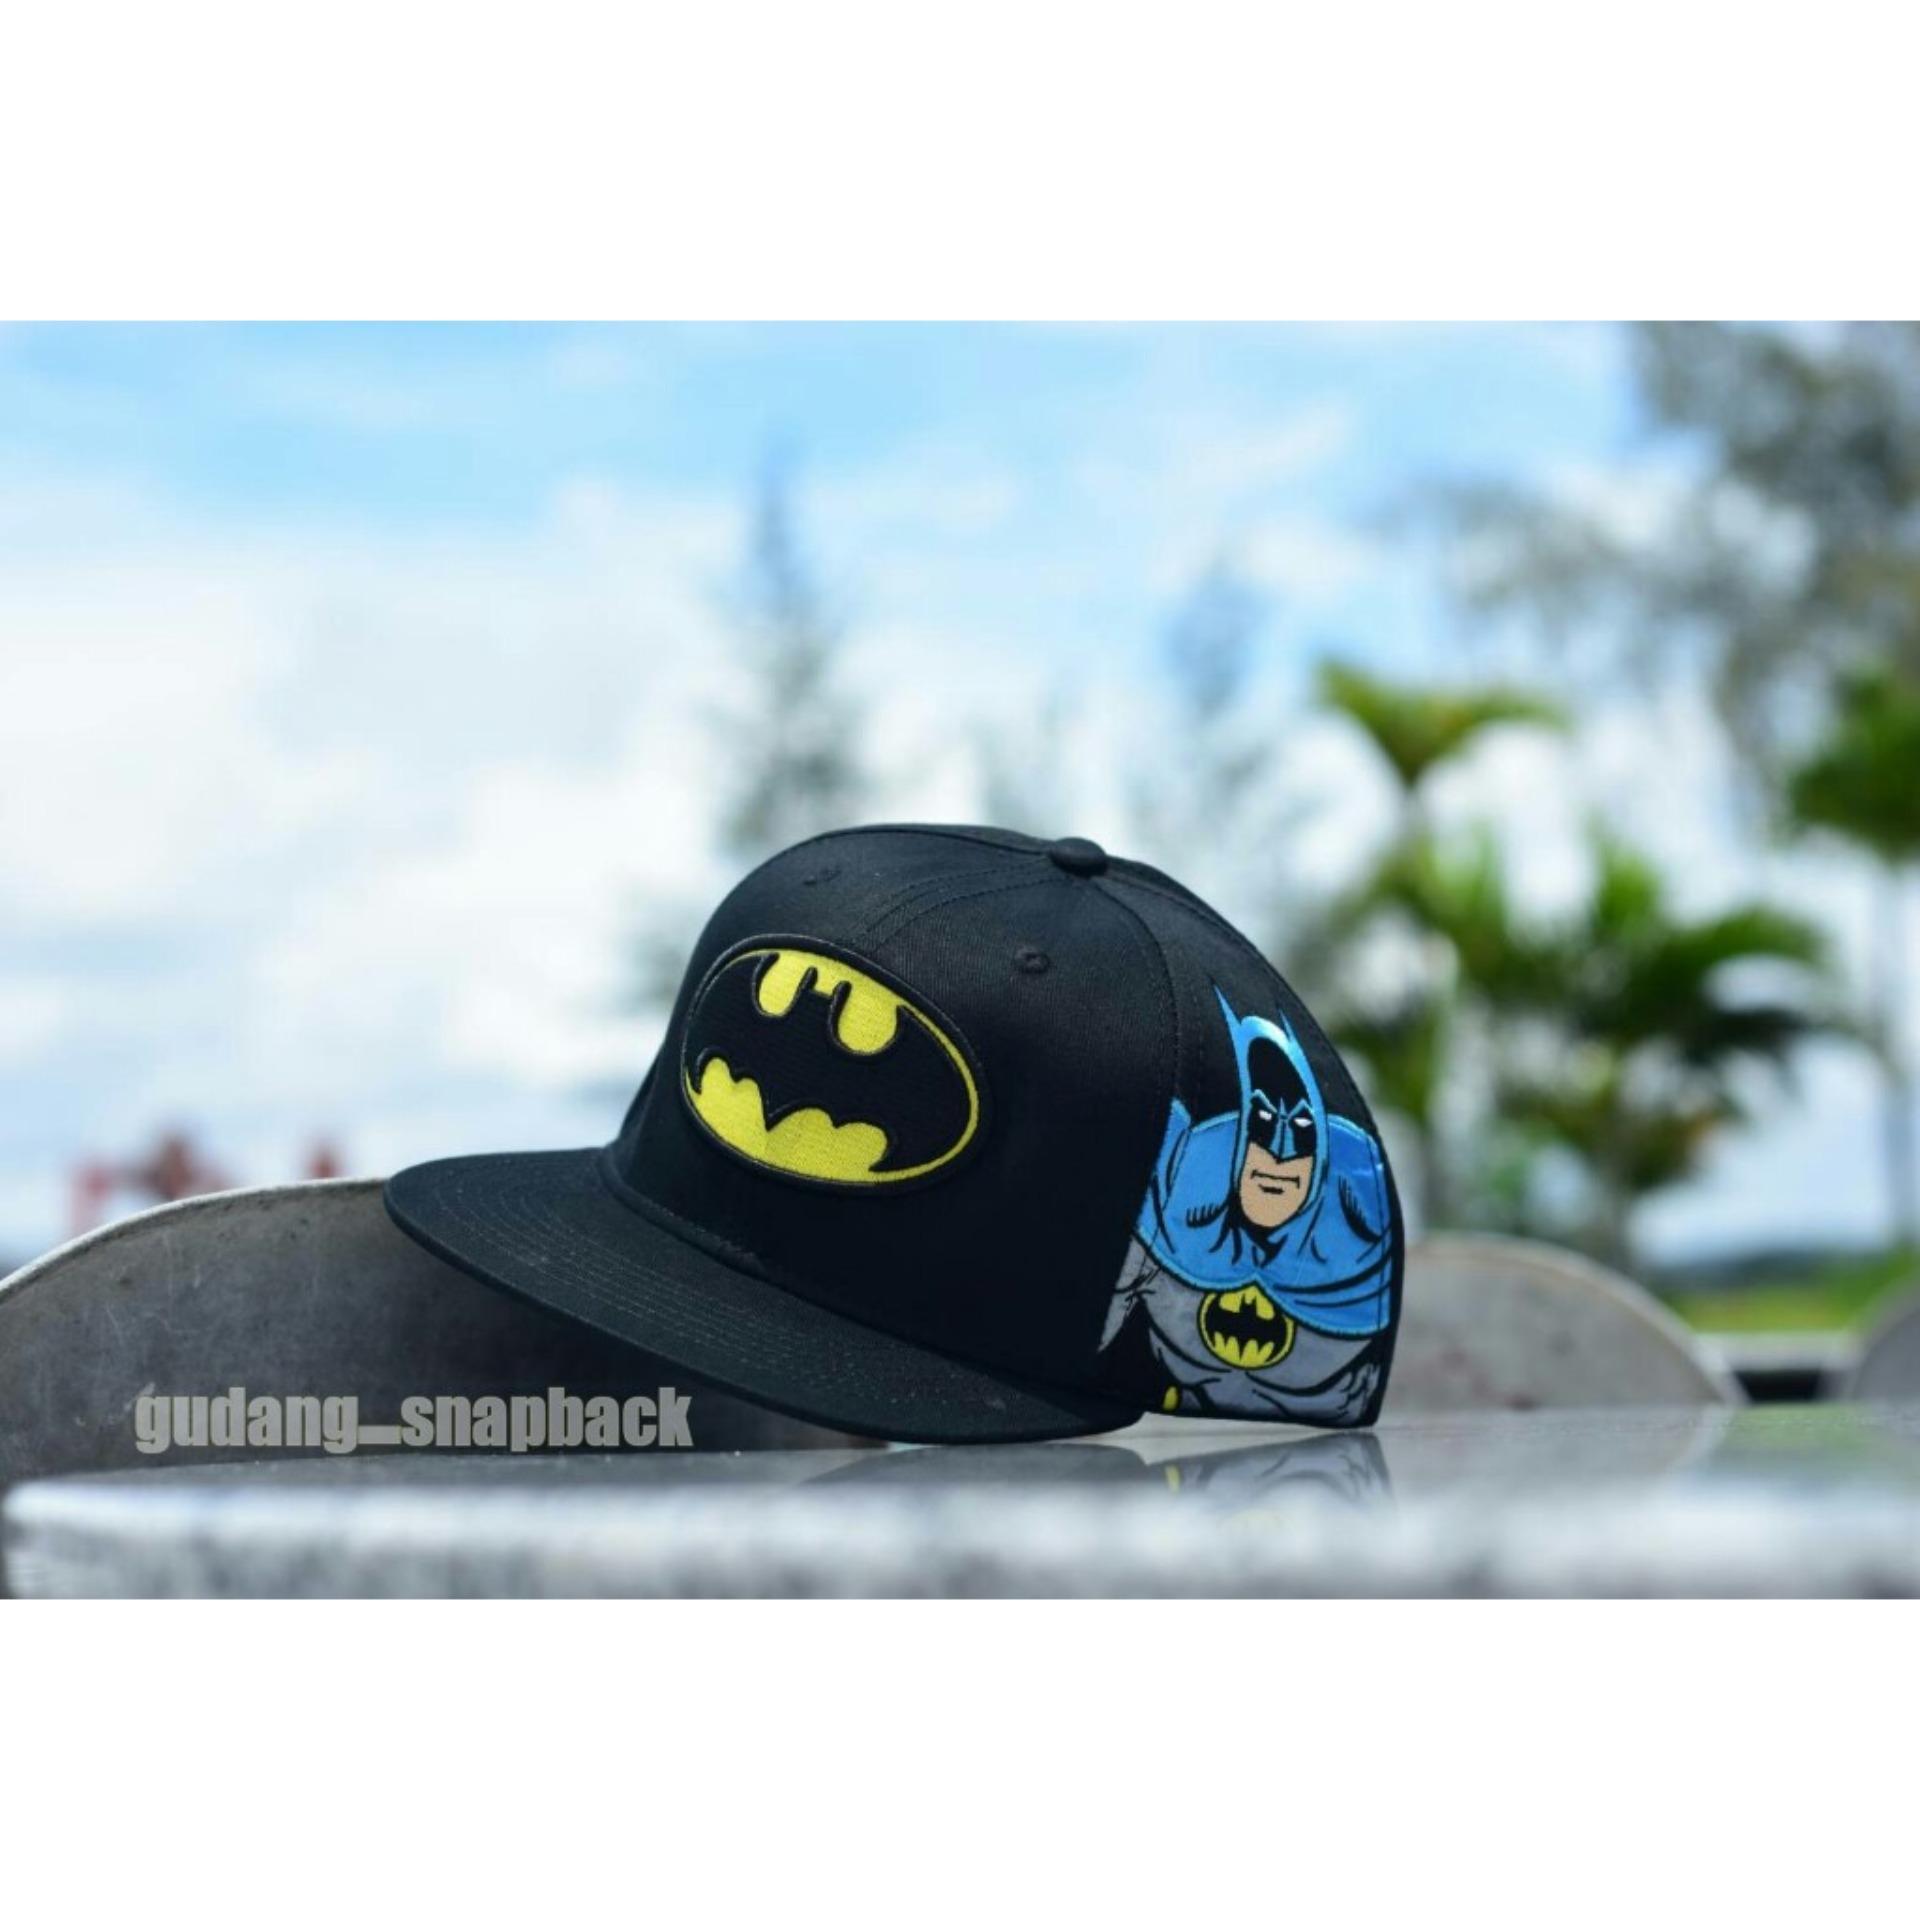 Topi snapback dc batman original import  dc batman cap original import  hat dffe6bbc58